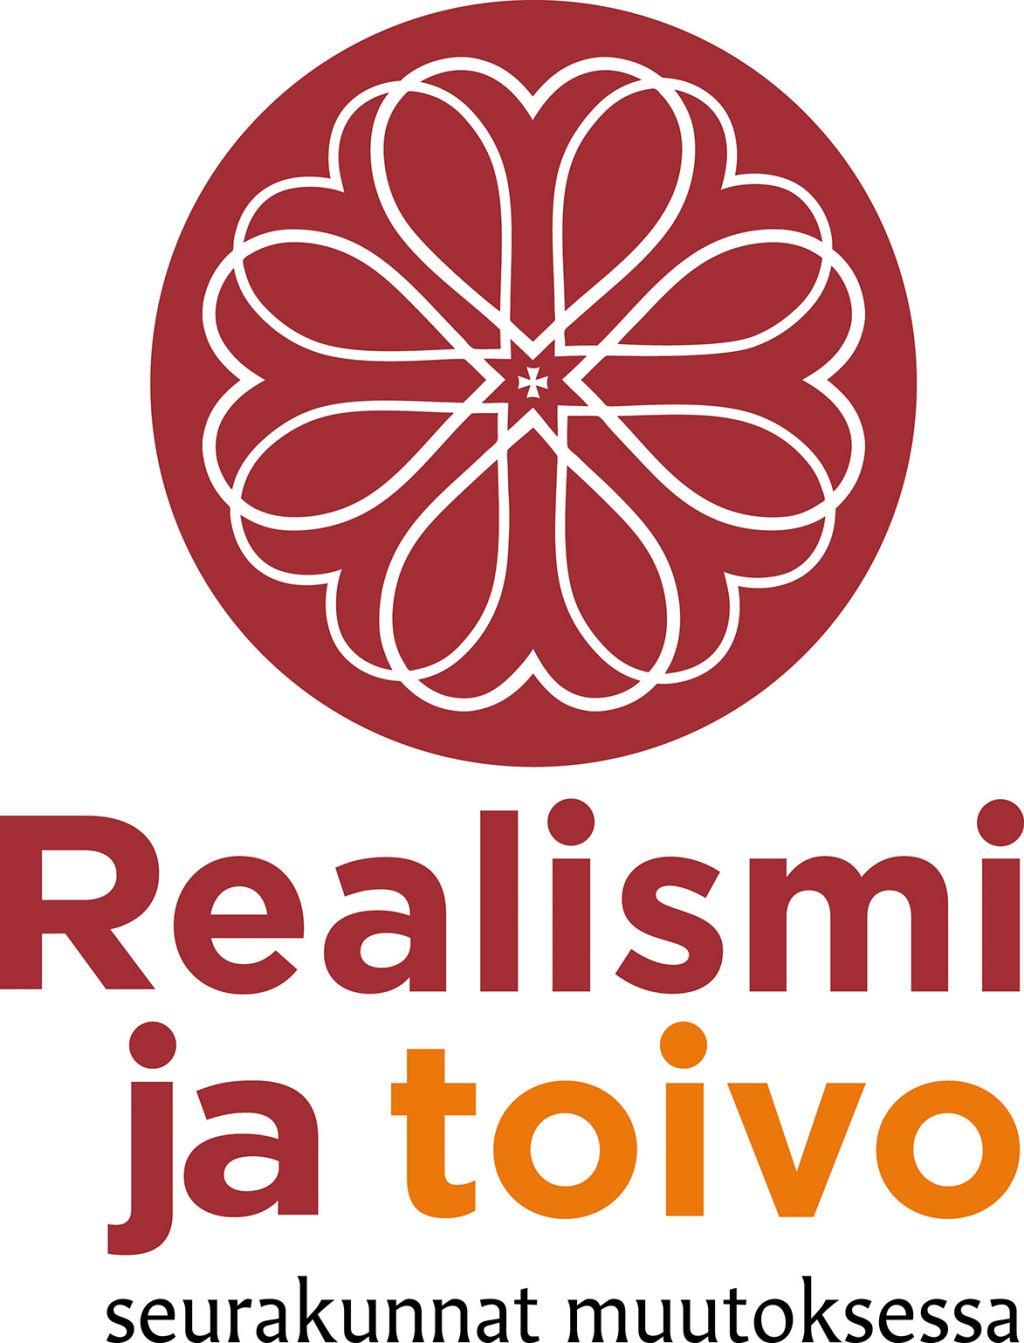 Realismi ja toivo - seurakunnant muutoksessa -logo